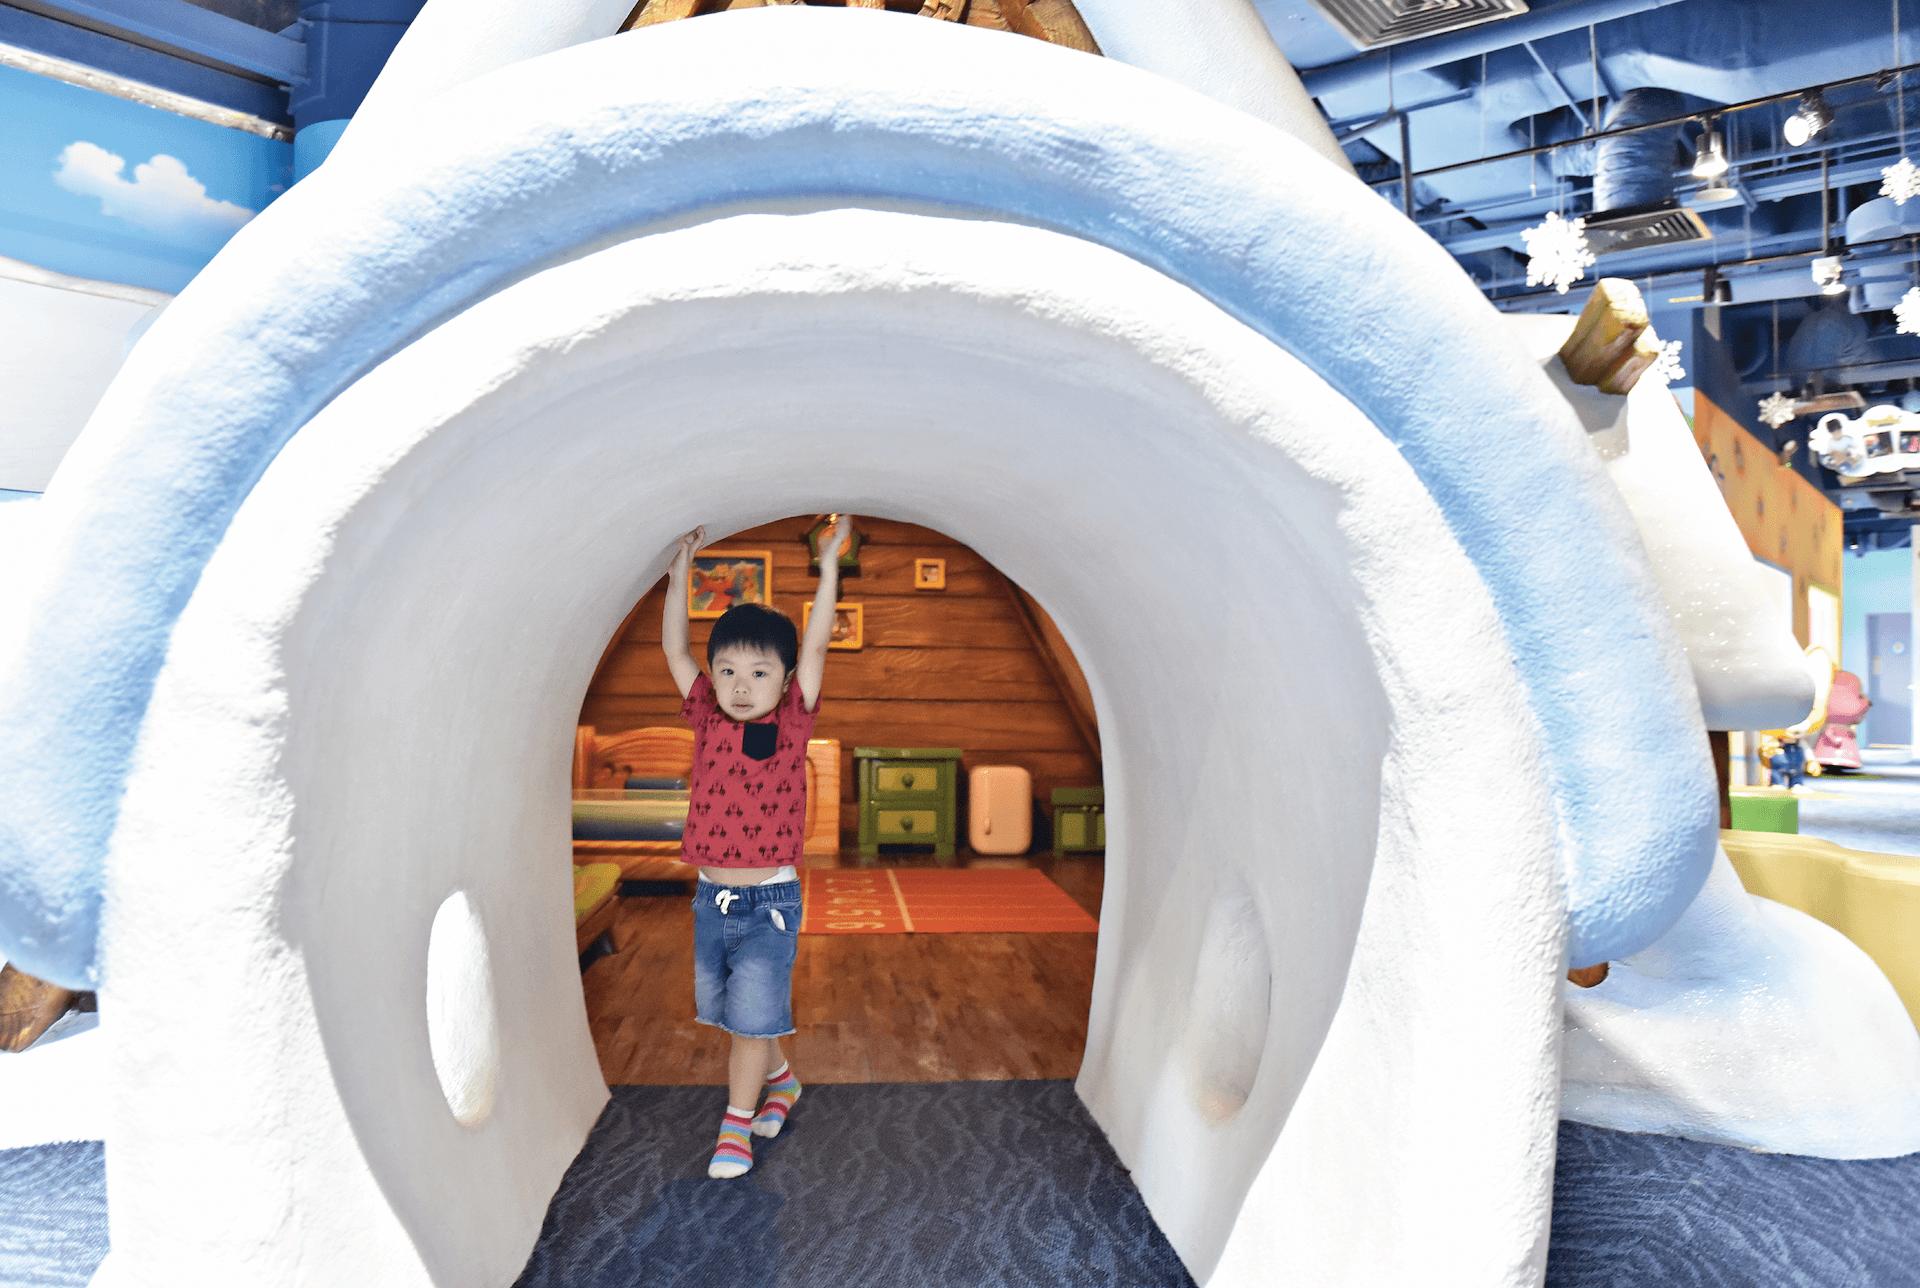 Pororo's House for Kids at Pororo Park Singapore